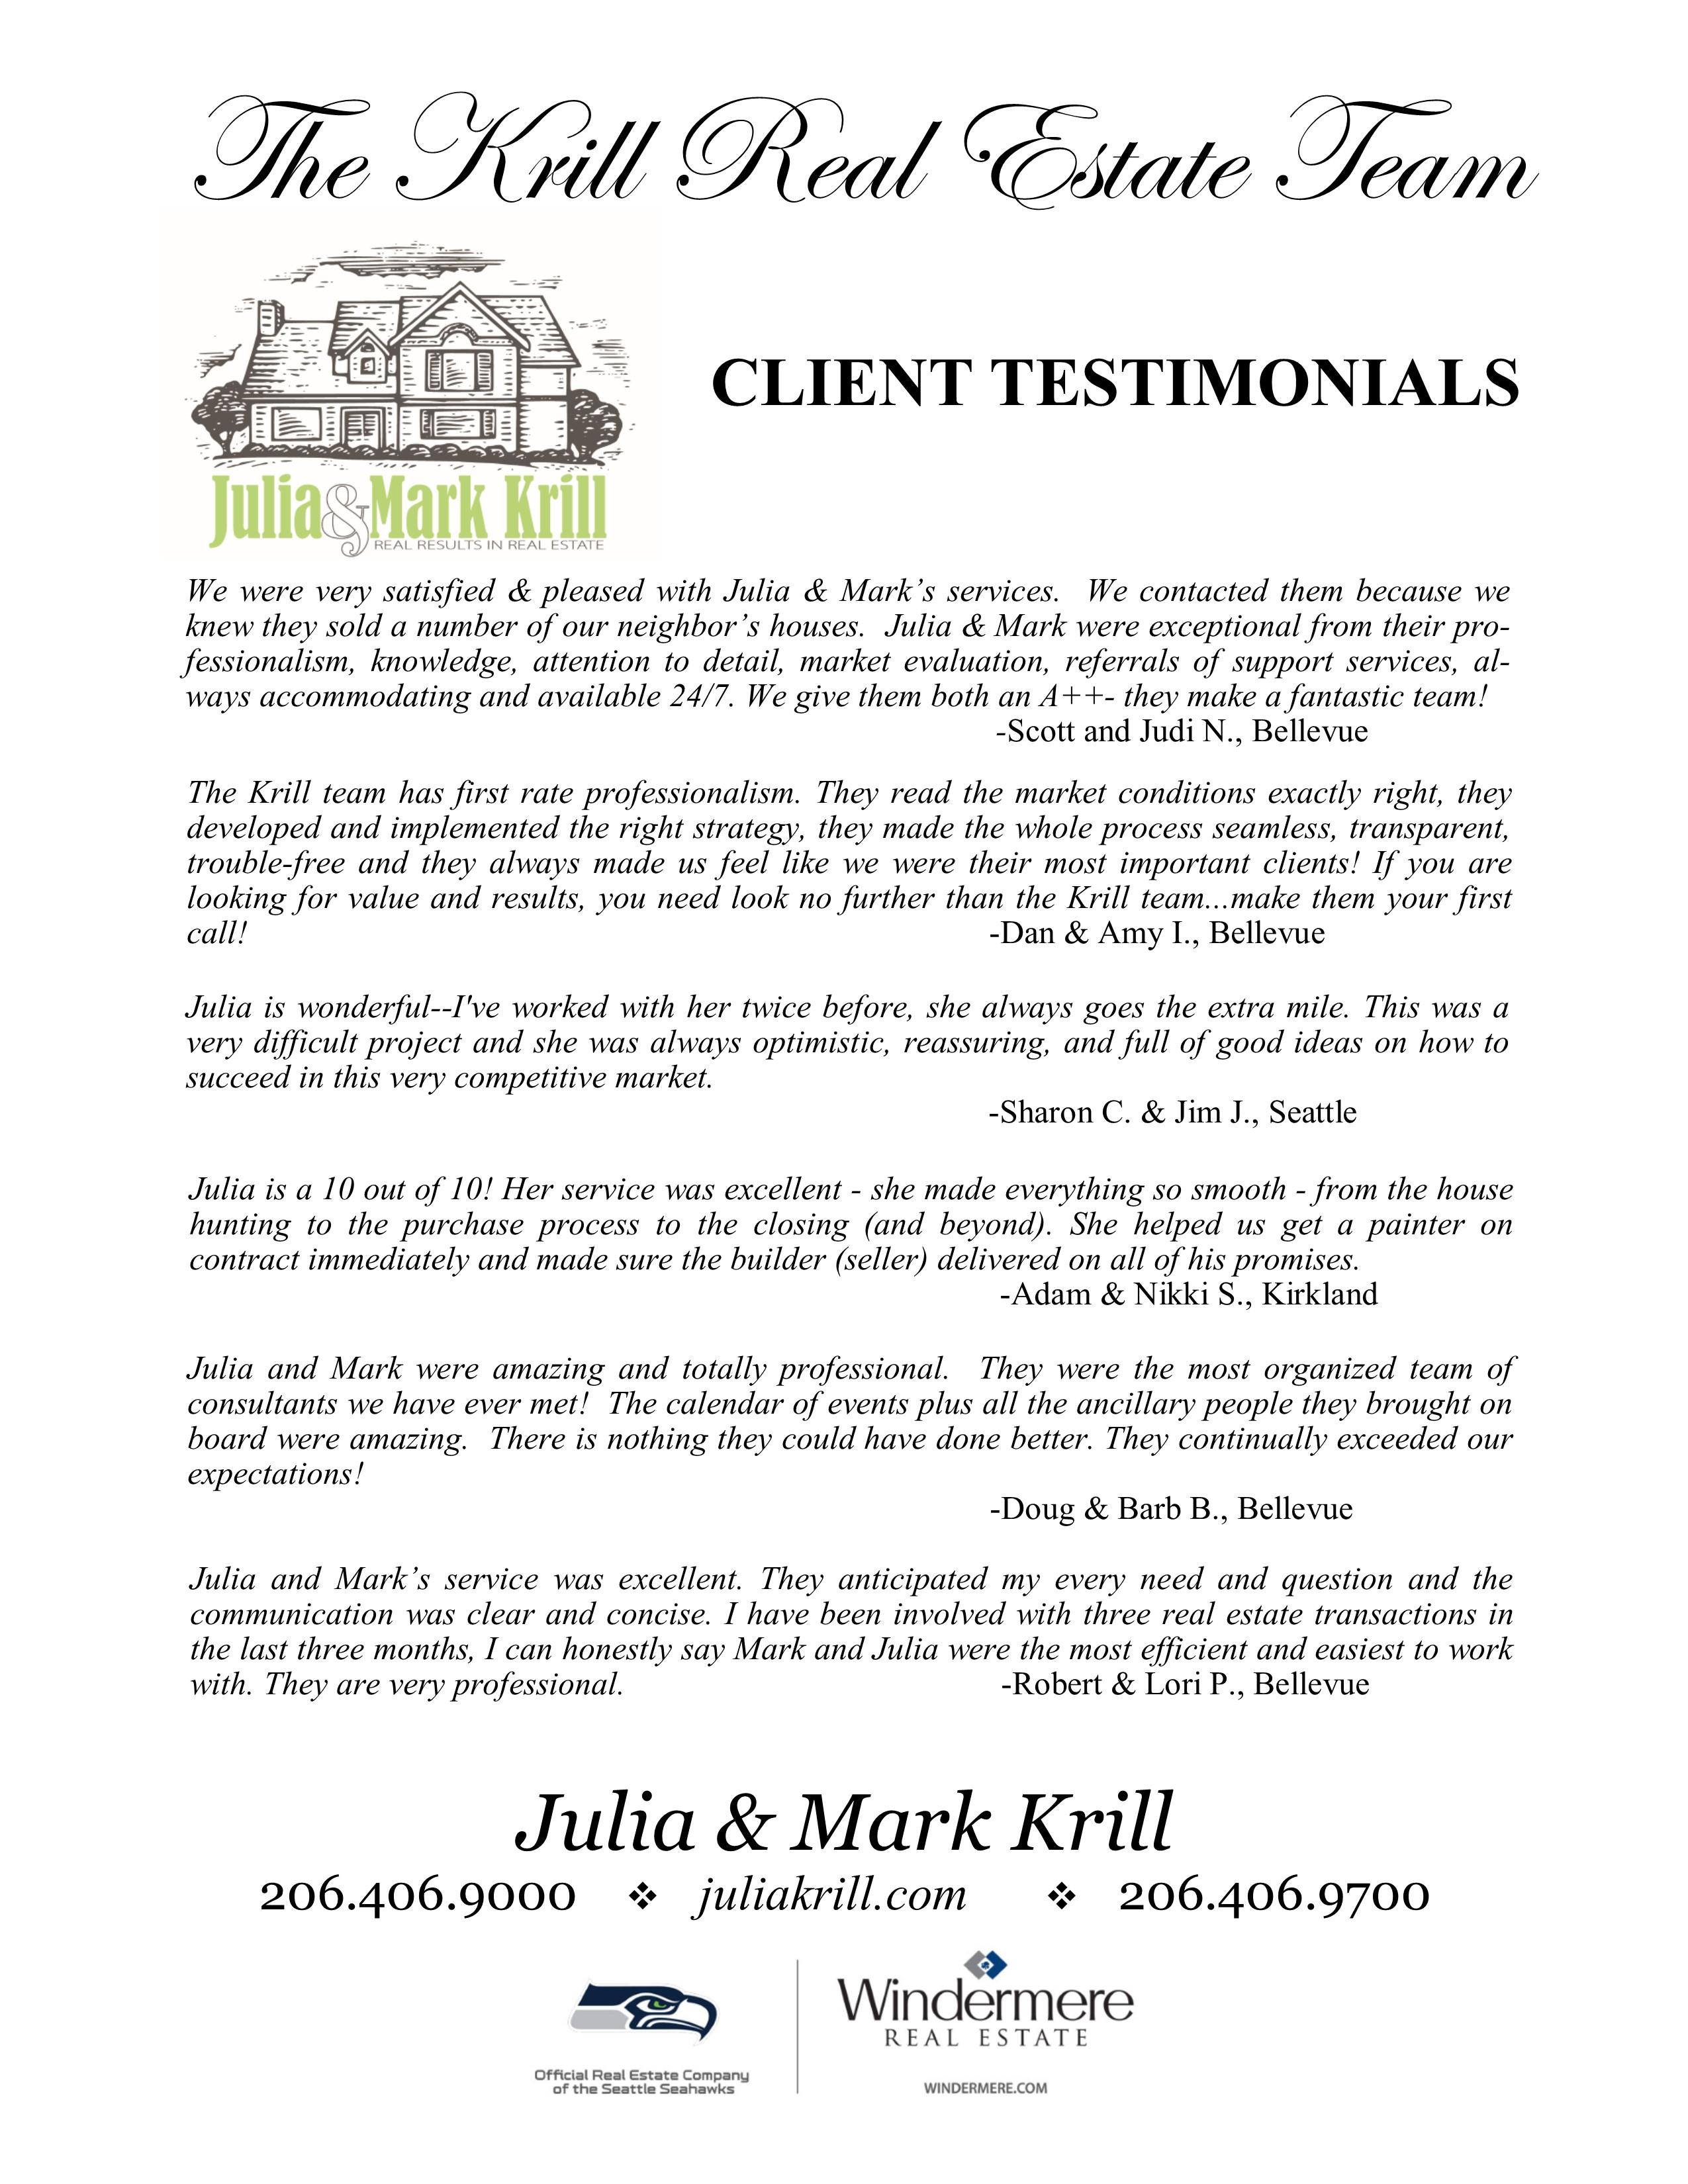 Krill Team Client Testimonials 10.2016